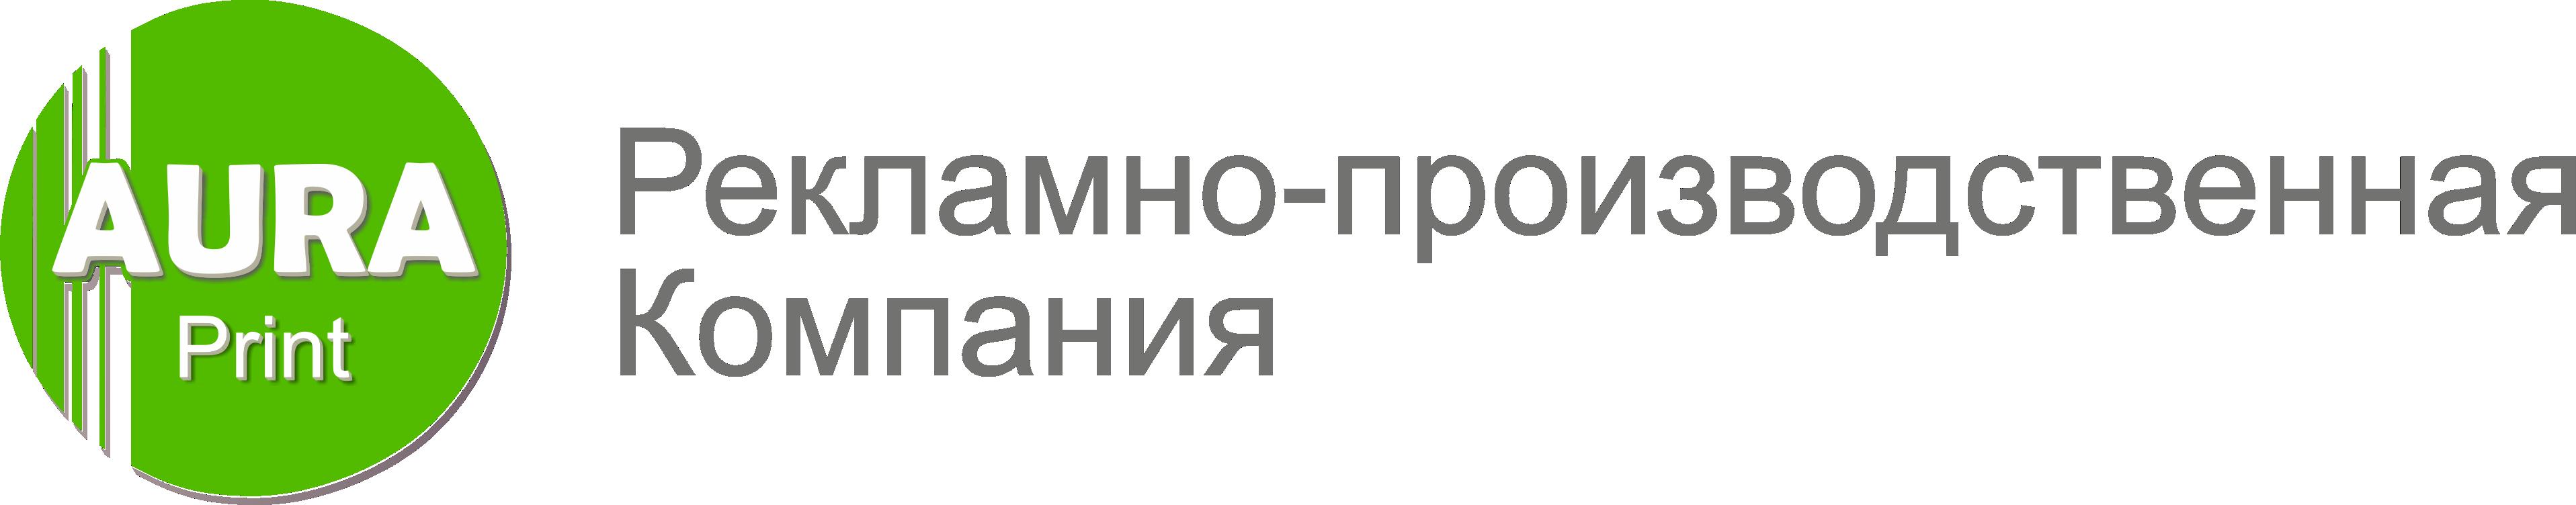 logotip-auraprint-dlya-novogo-sajta-polnyj